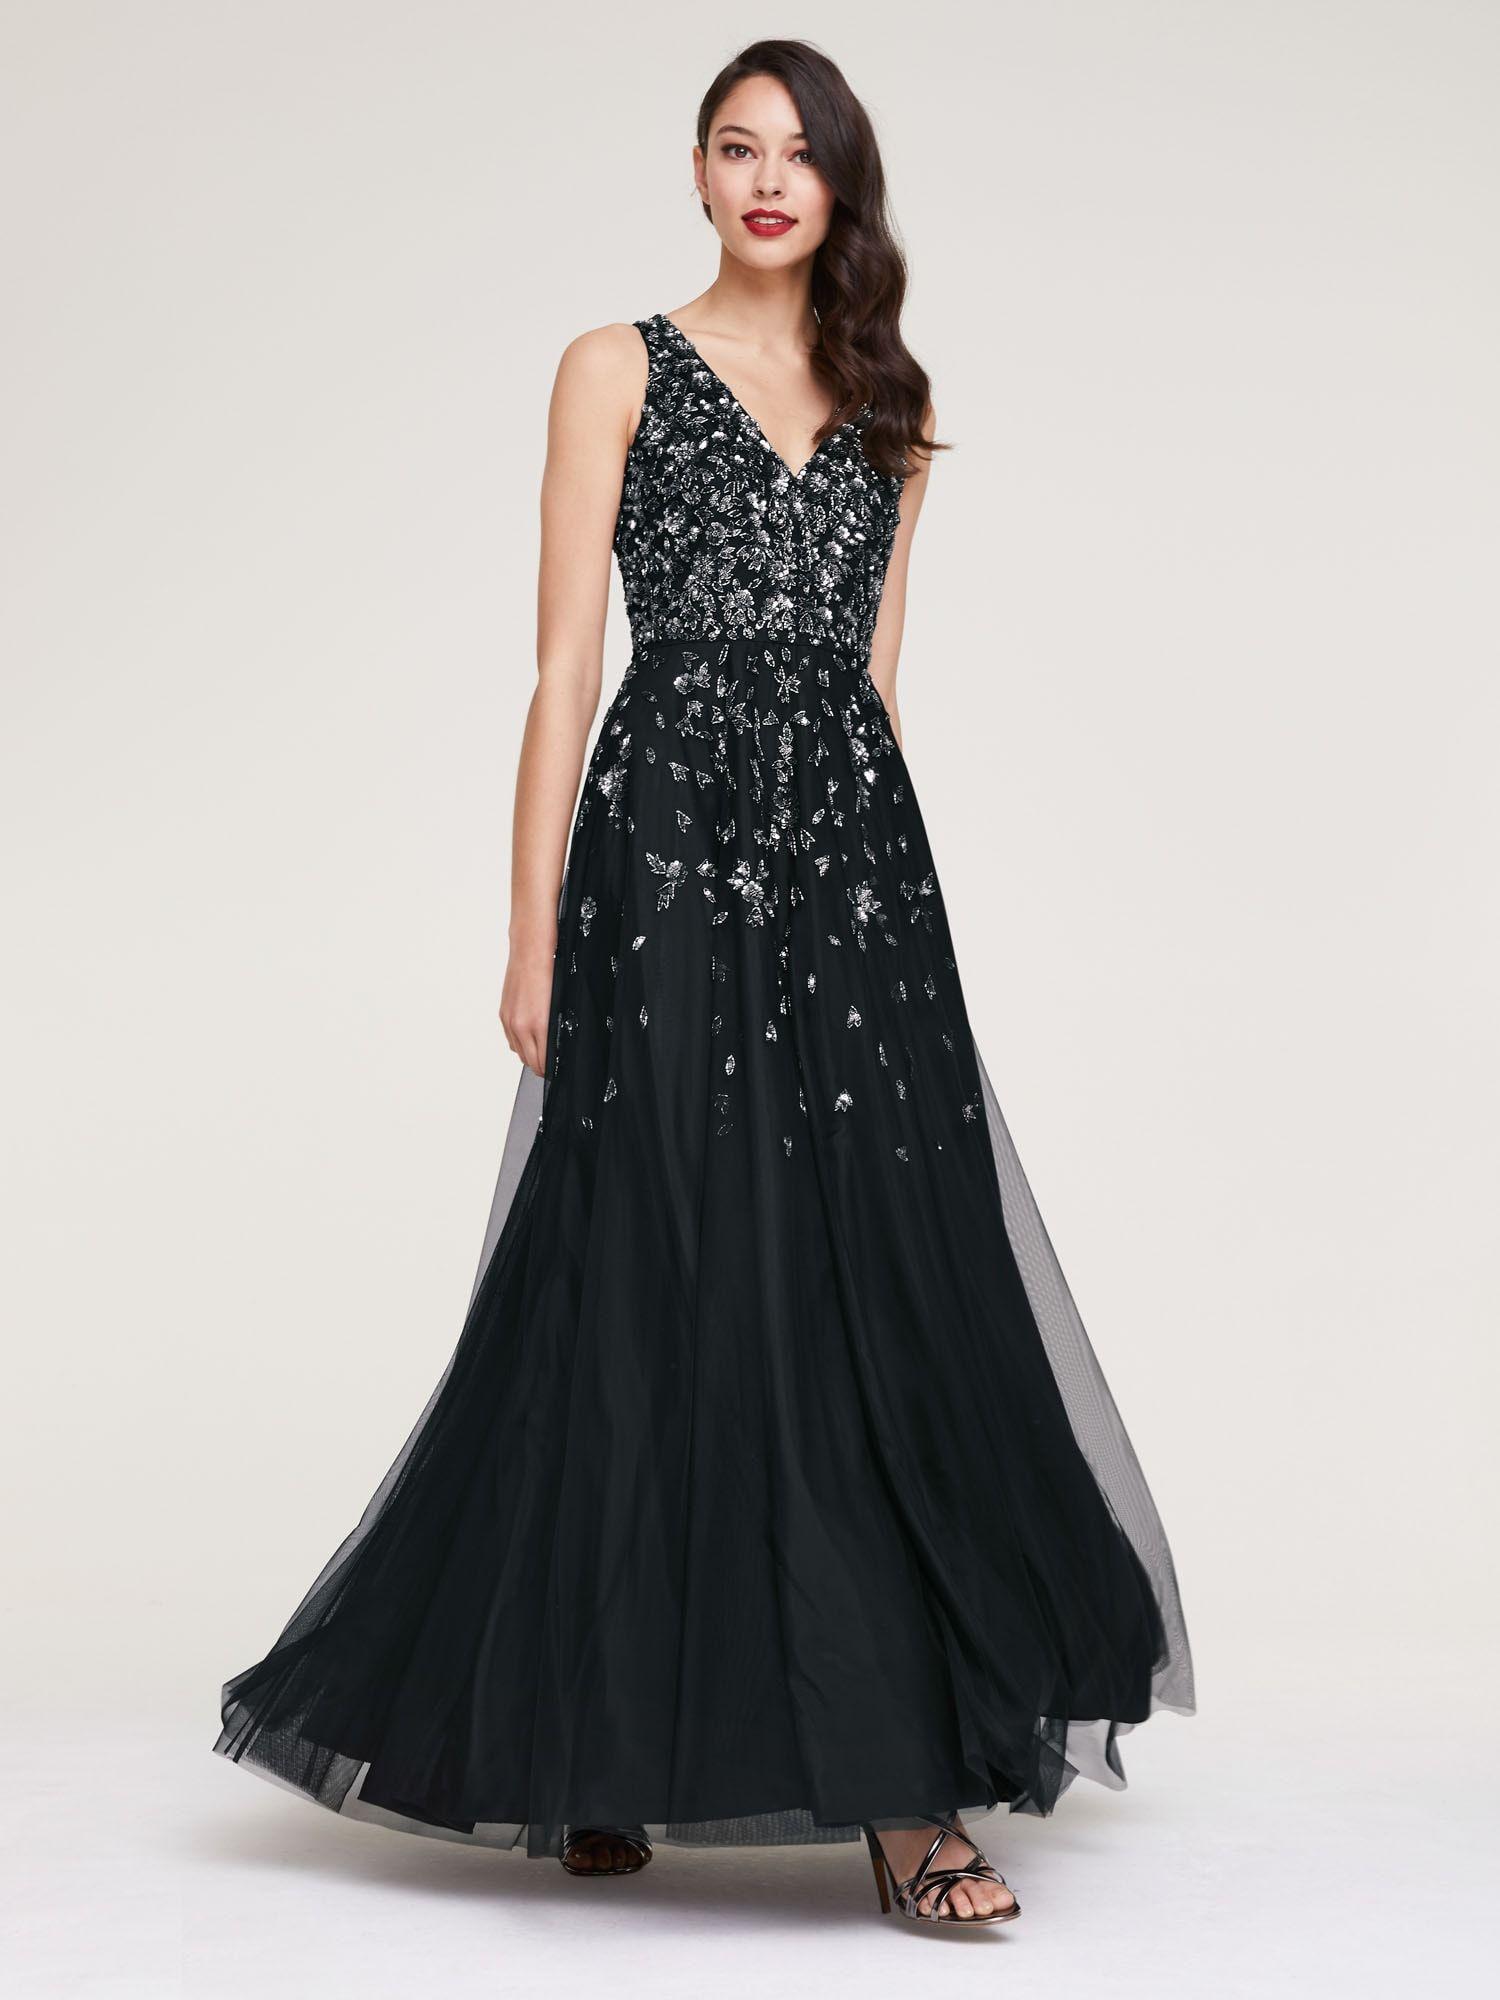 Heine Kleid Damen, Schwarz, Größe 10  Kleider, Abendkleid und Heine